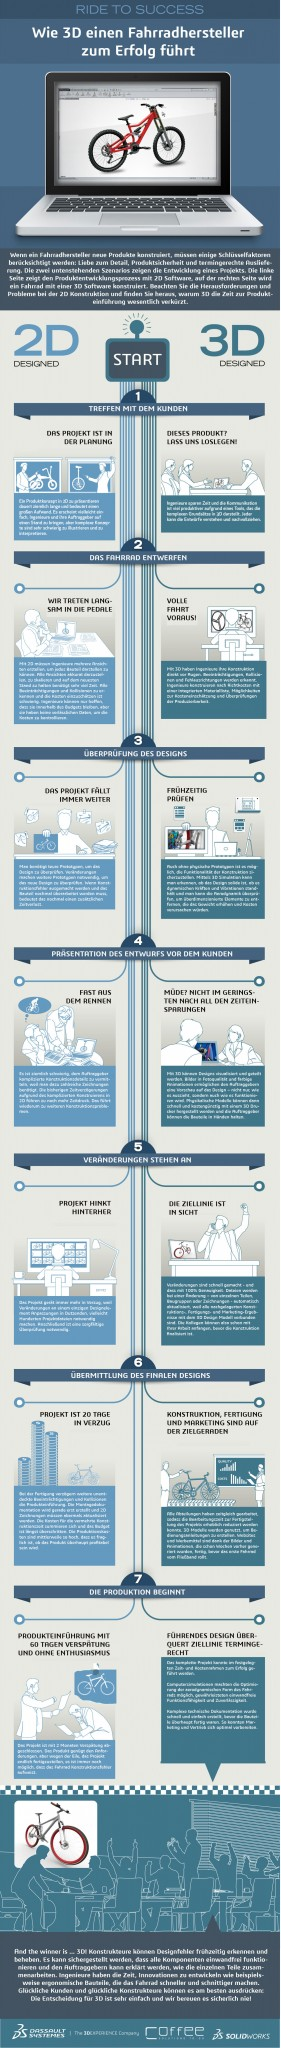 Infografik_Vergleich_3D-und-2D_web